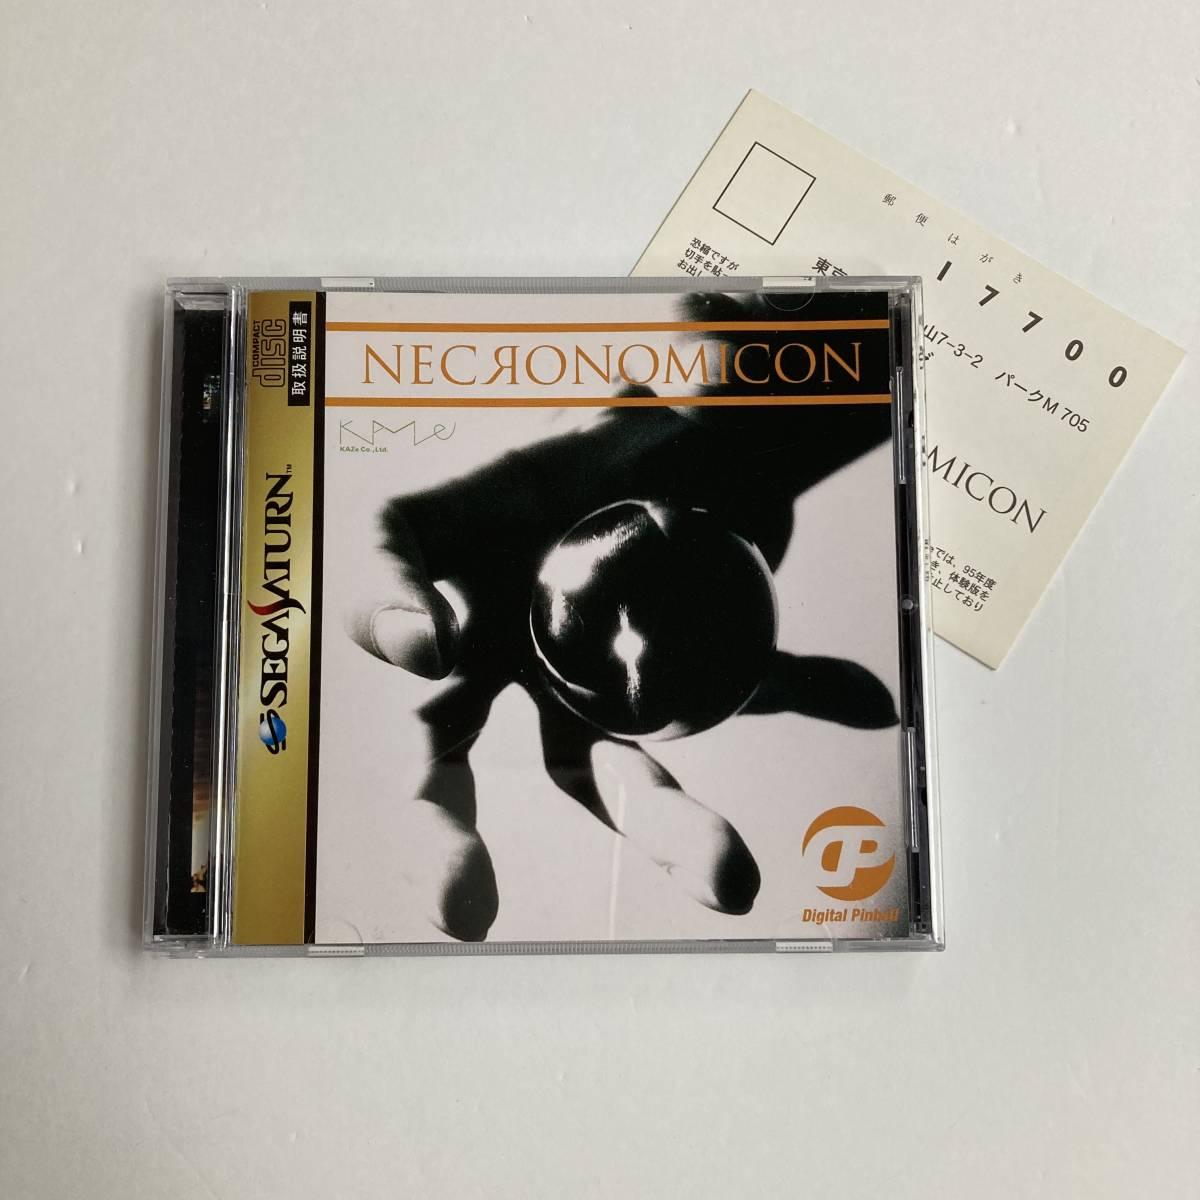 セガサターン デジタルピンボール ネクロノミコン / Necronomicon Digital Pinball Sega Saturn SS Segasaturn Action Game Japan JP 1996